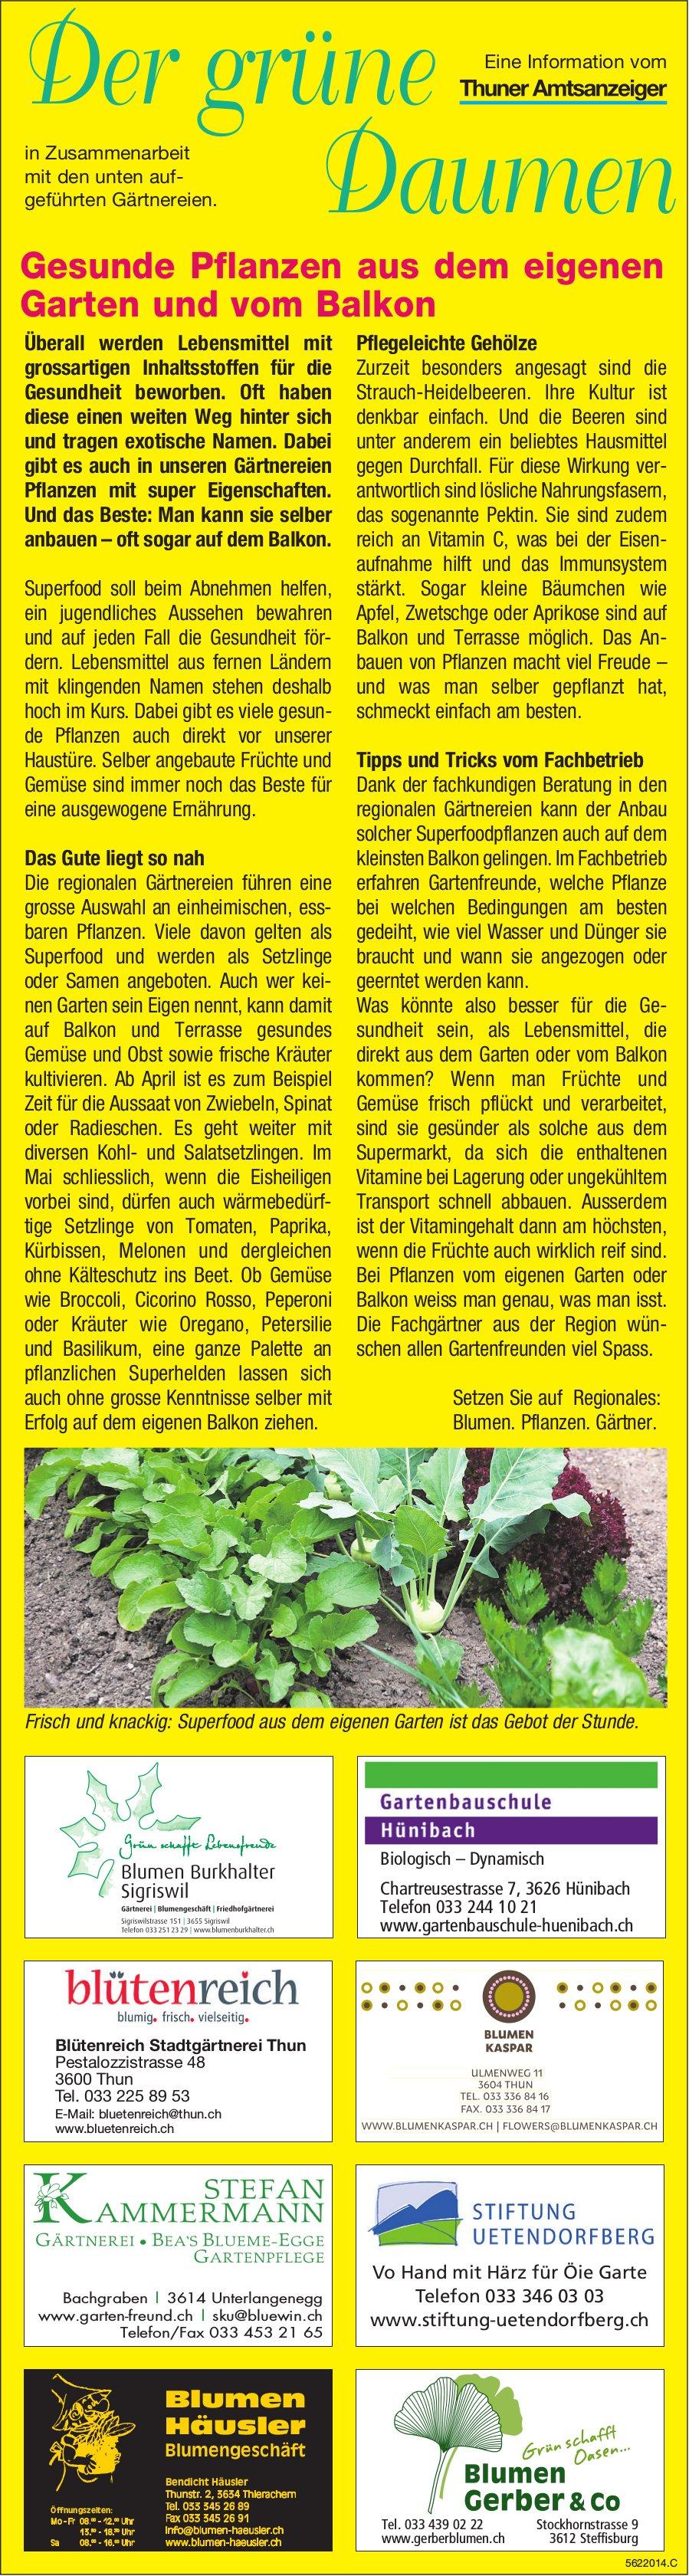 Der grüne Daumen - Gesunde Pflanzen aus dem eigenen Garten und vom Balkon